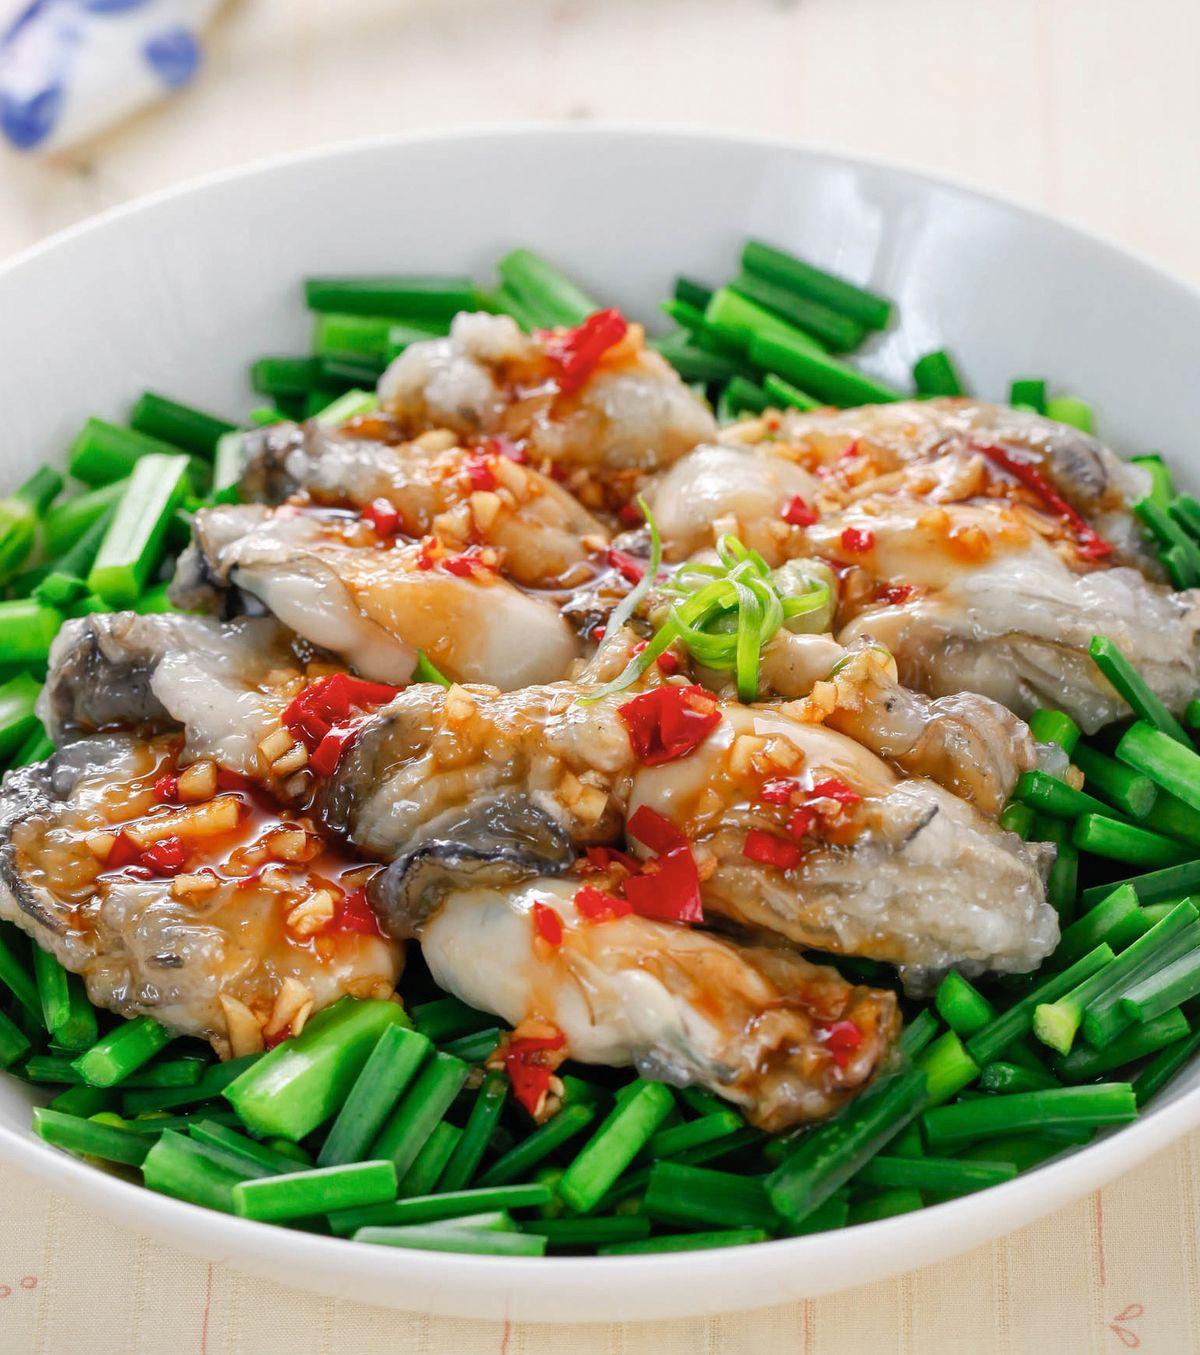 食譜:韭菜拌鮮蚵